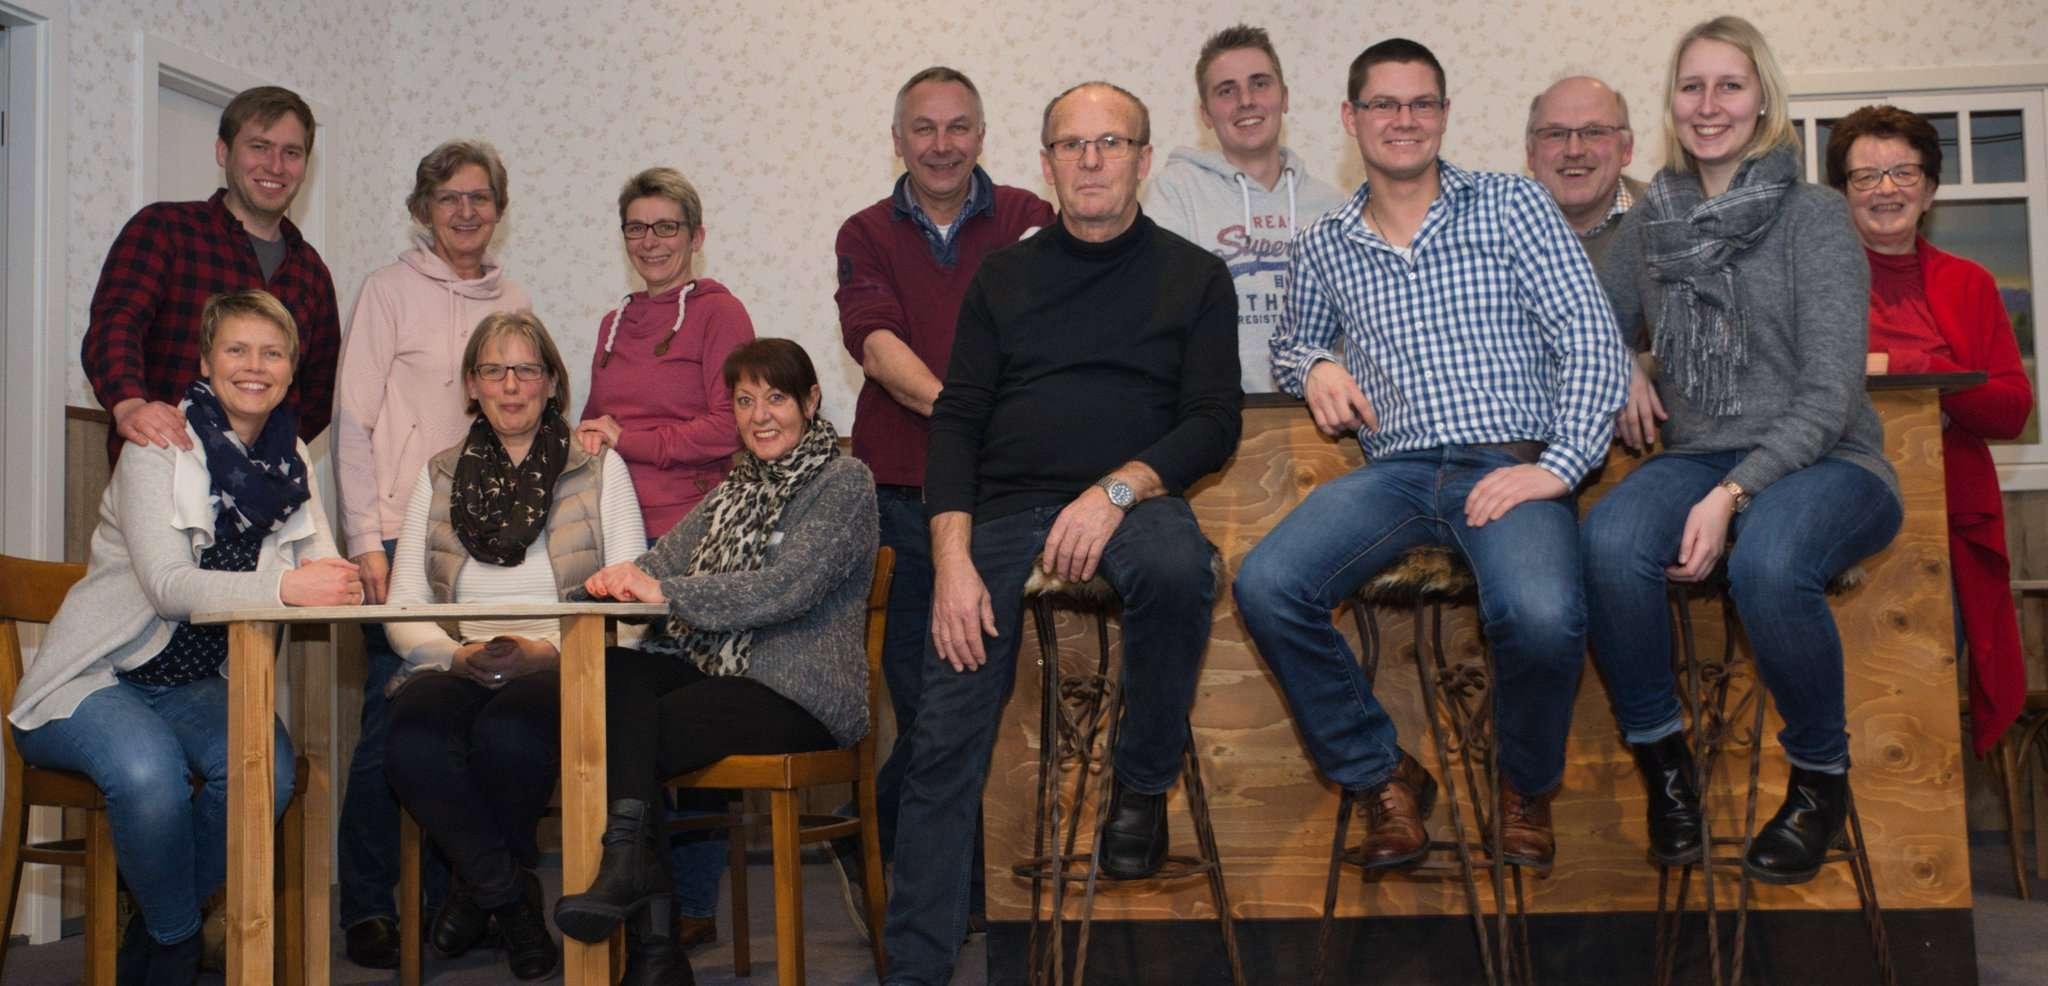 Die Laiendarsteller des Westerholter Eekenkrings freuen sich auf die Premiere ihres neuen Stückes, für das sie bereits fleißig proben. Foto: Klaus-Dieter Plage